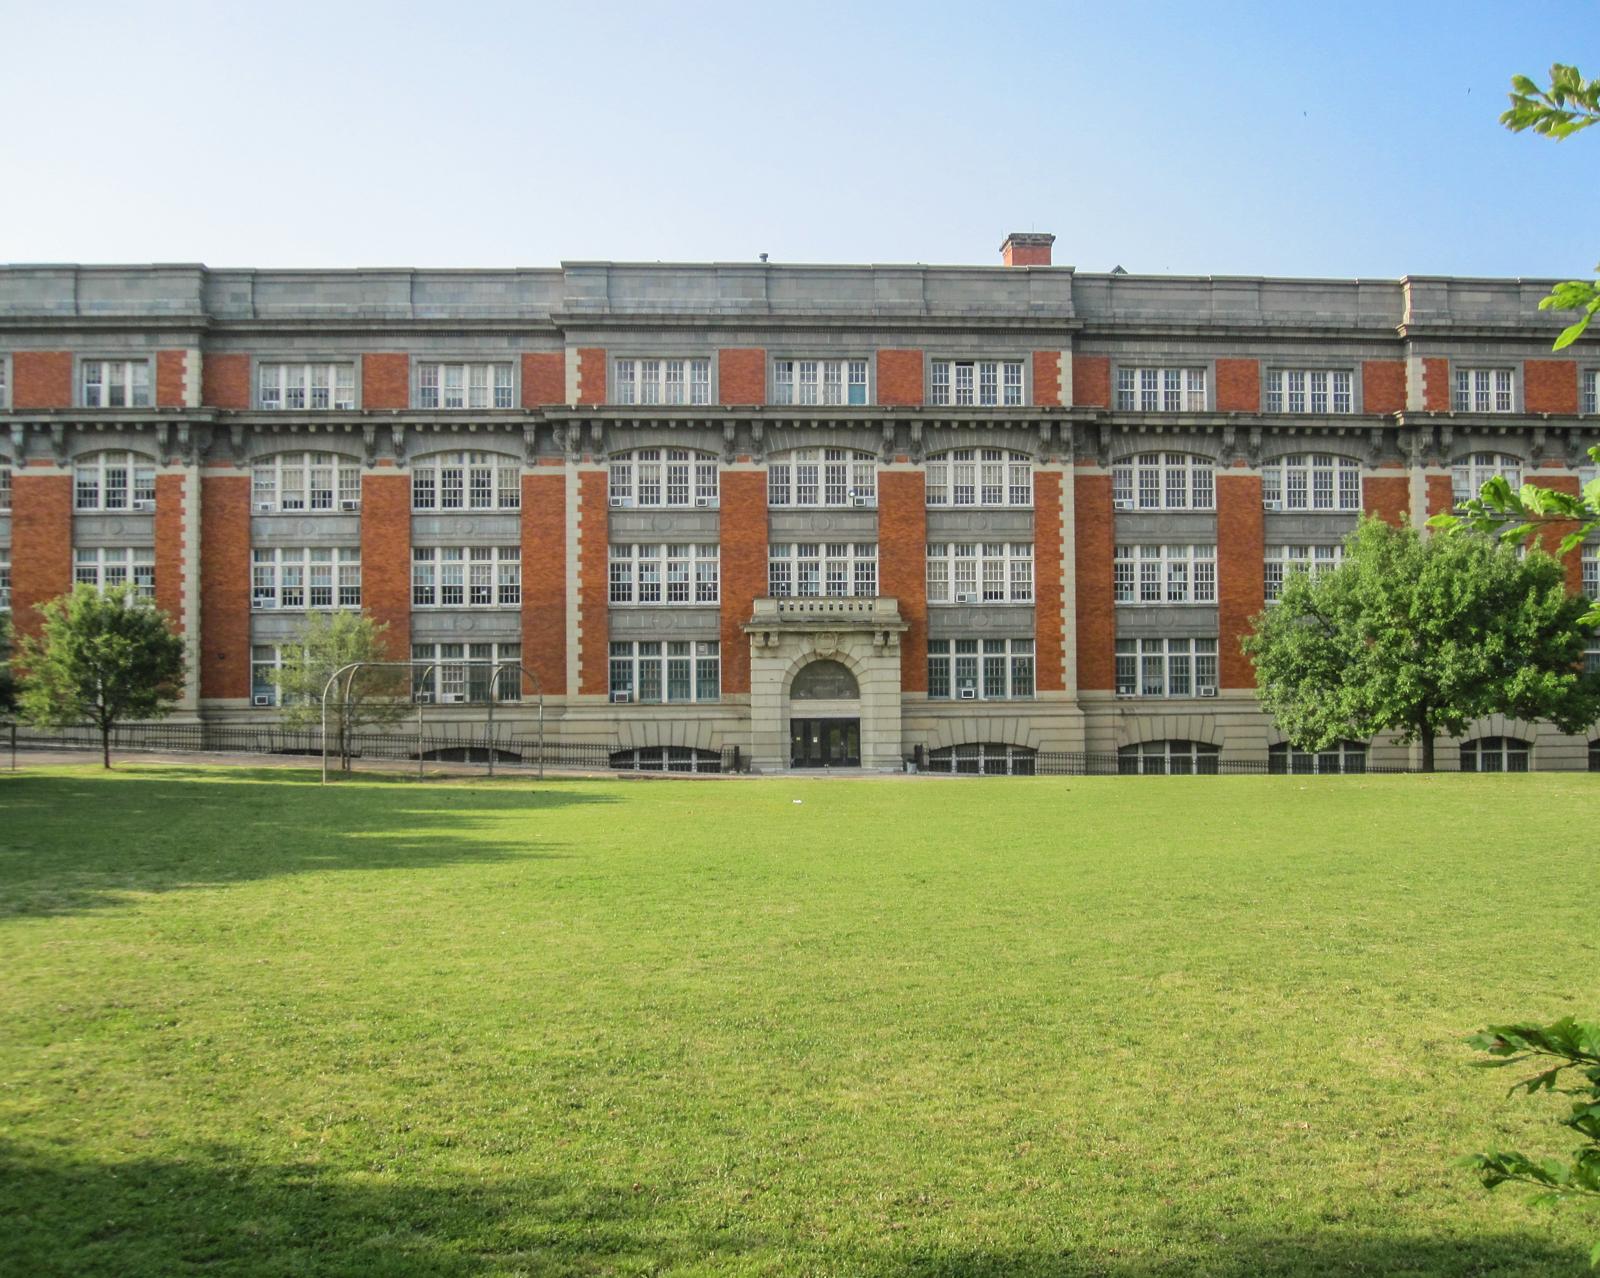 Alumni Lofts Historic Exterior 1